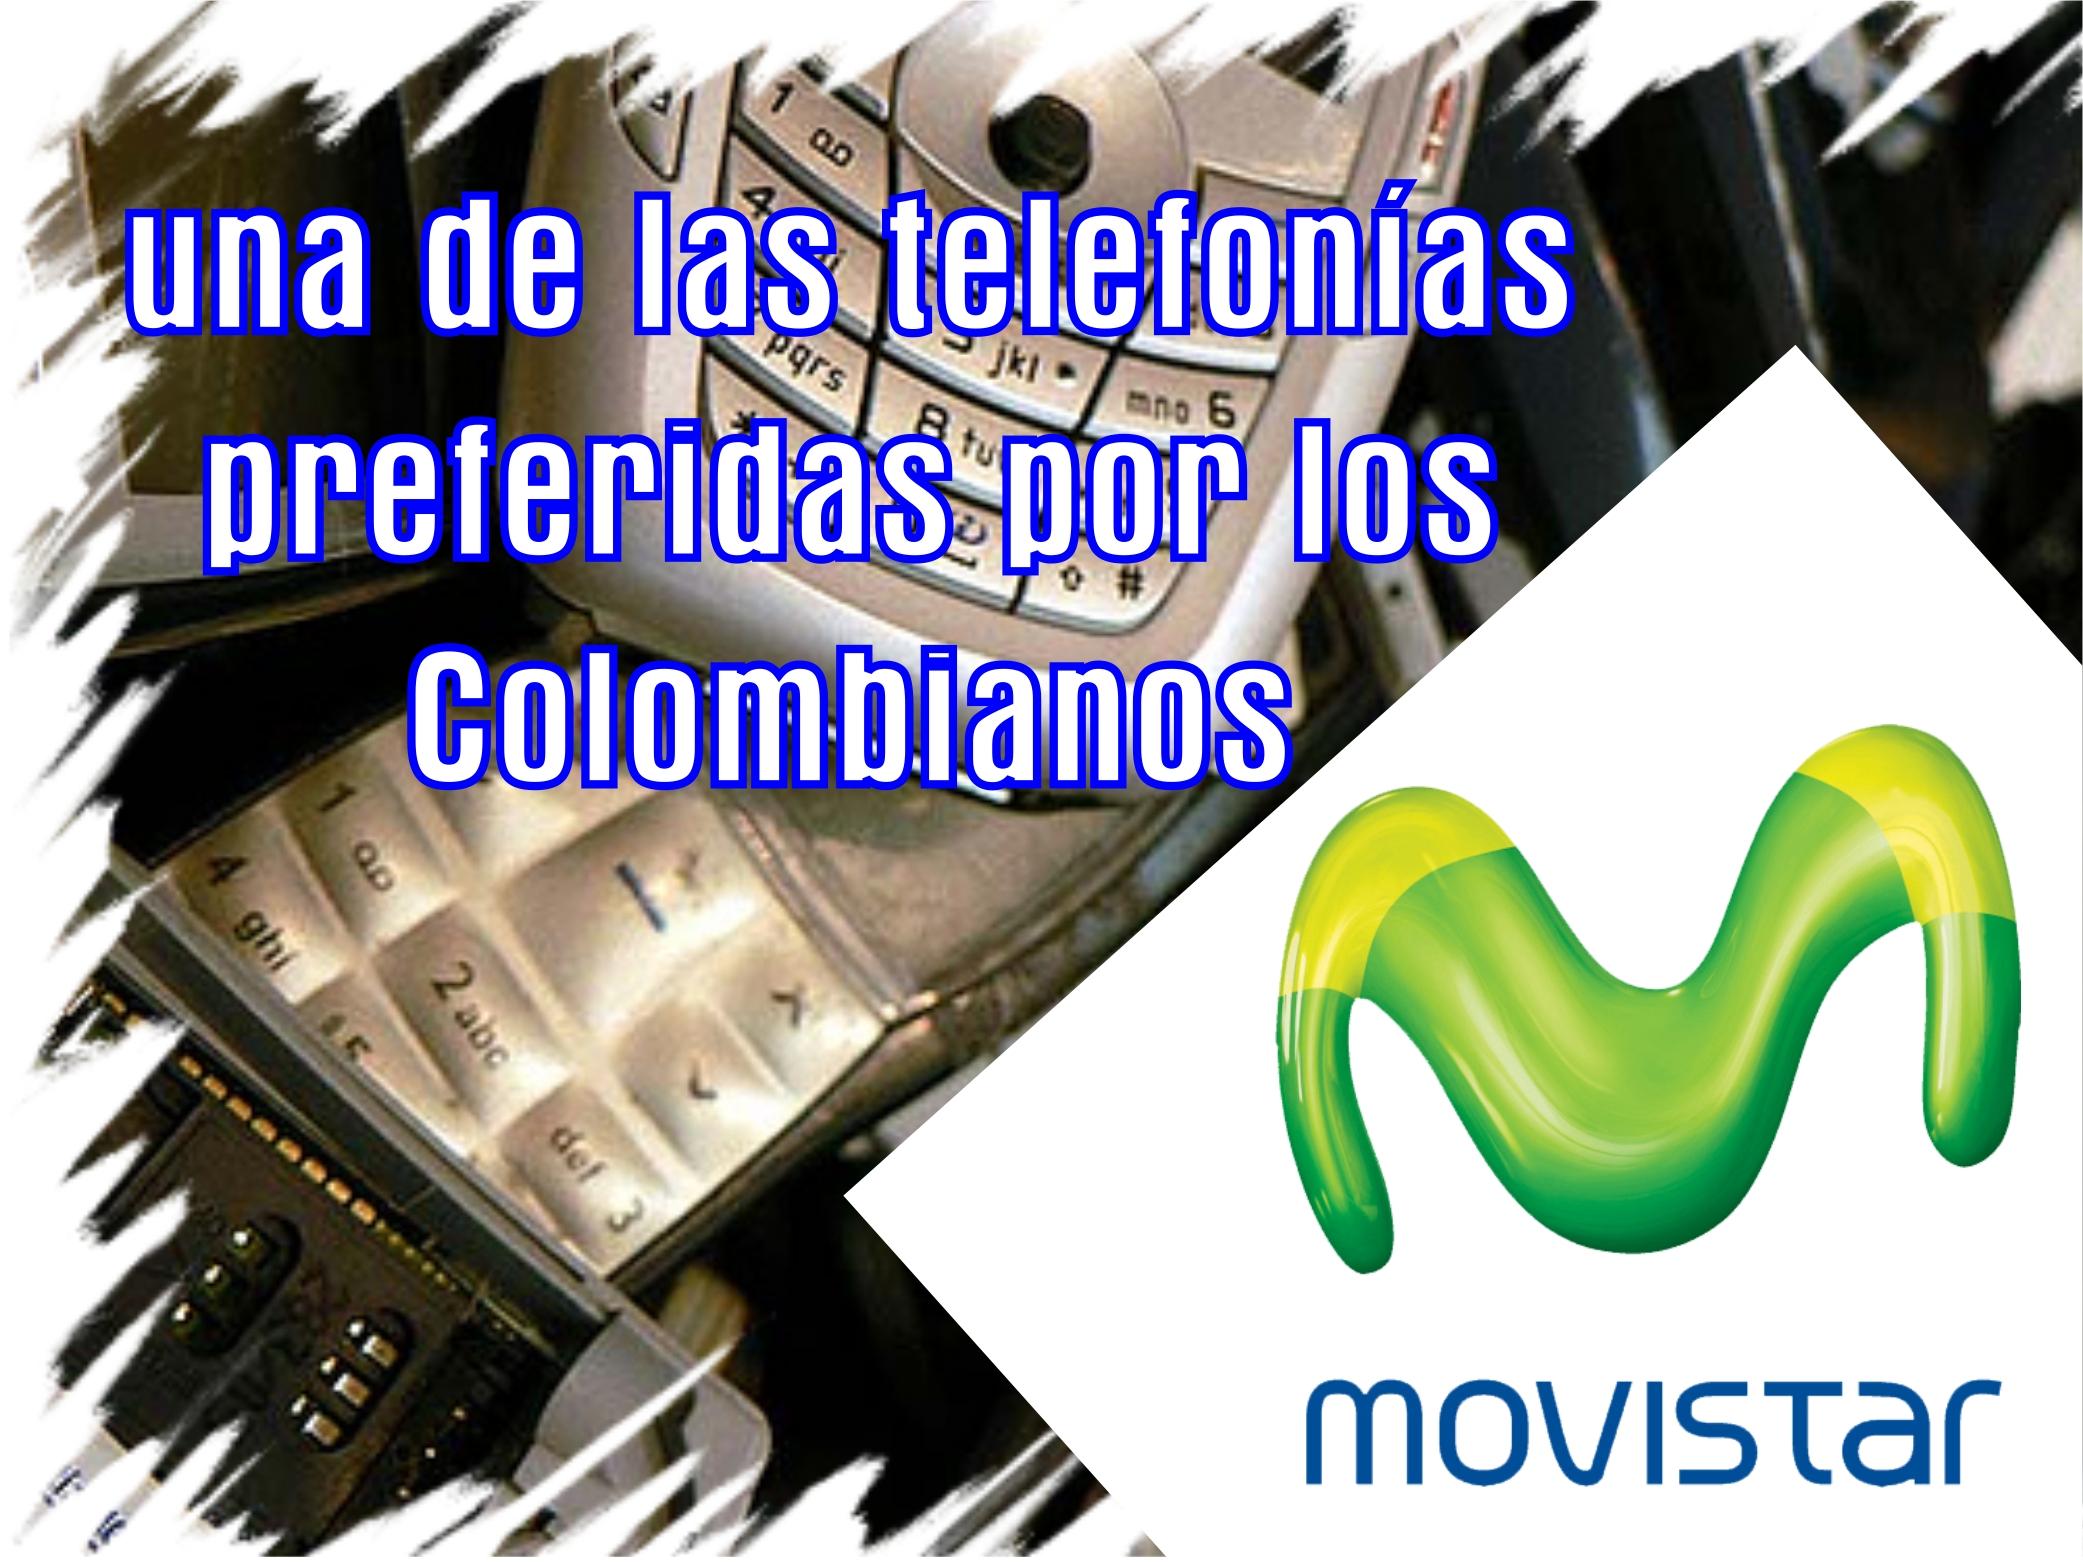 Telefonica Movistar en Colombia, una de las telefonías preferidas por los Colombianos